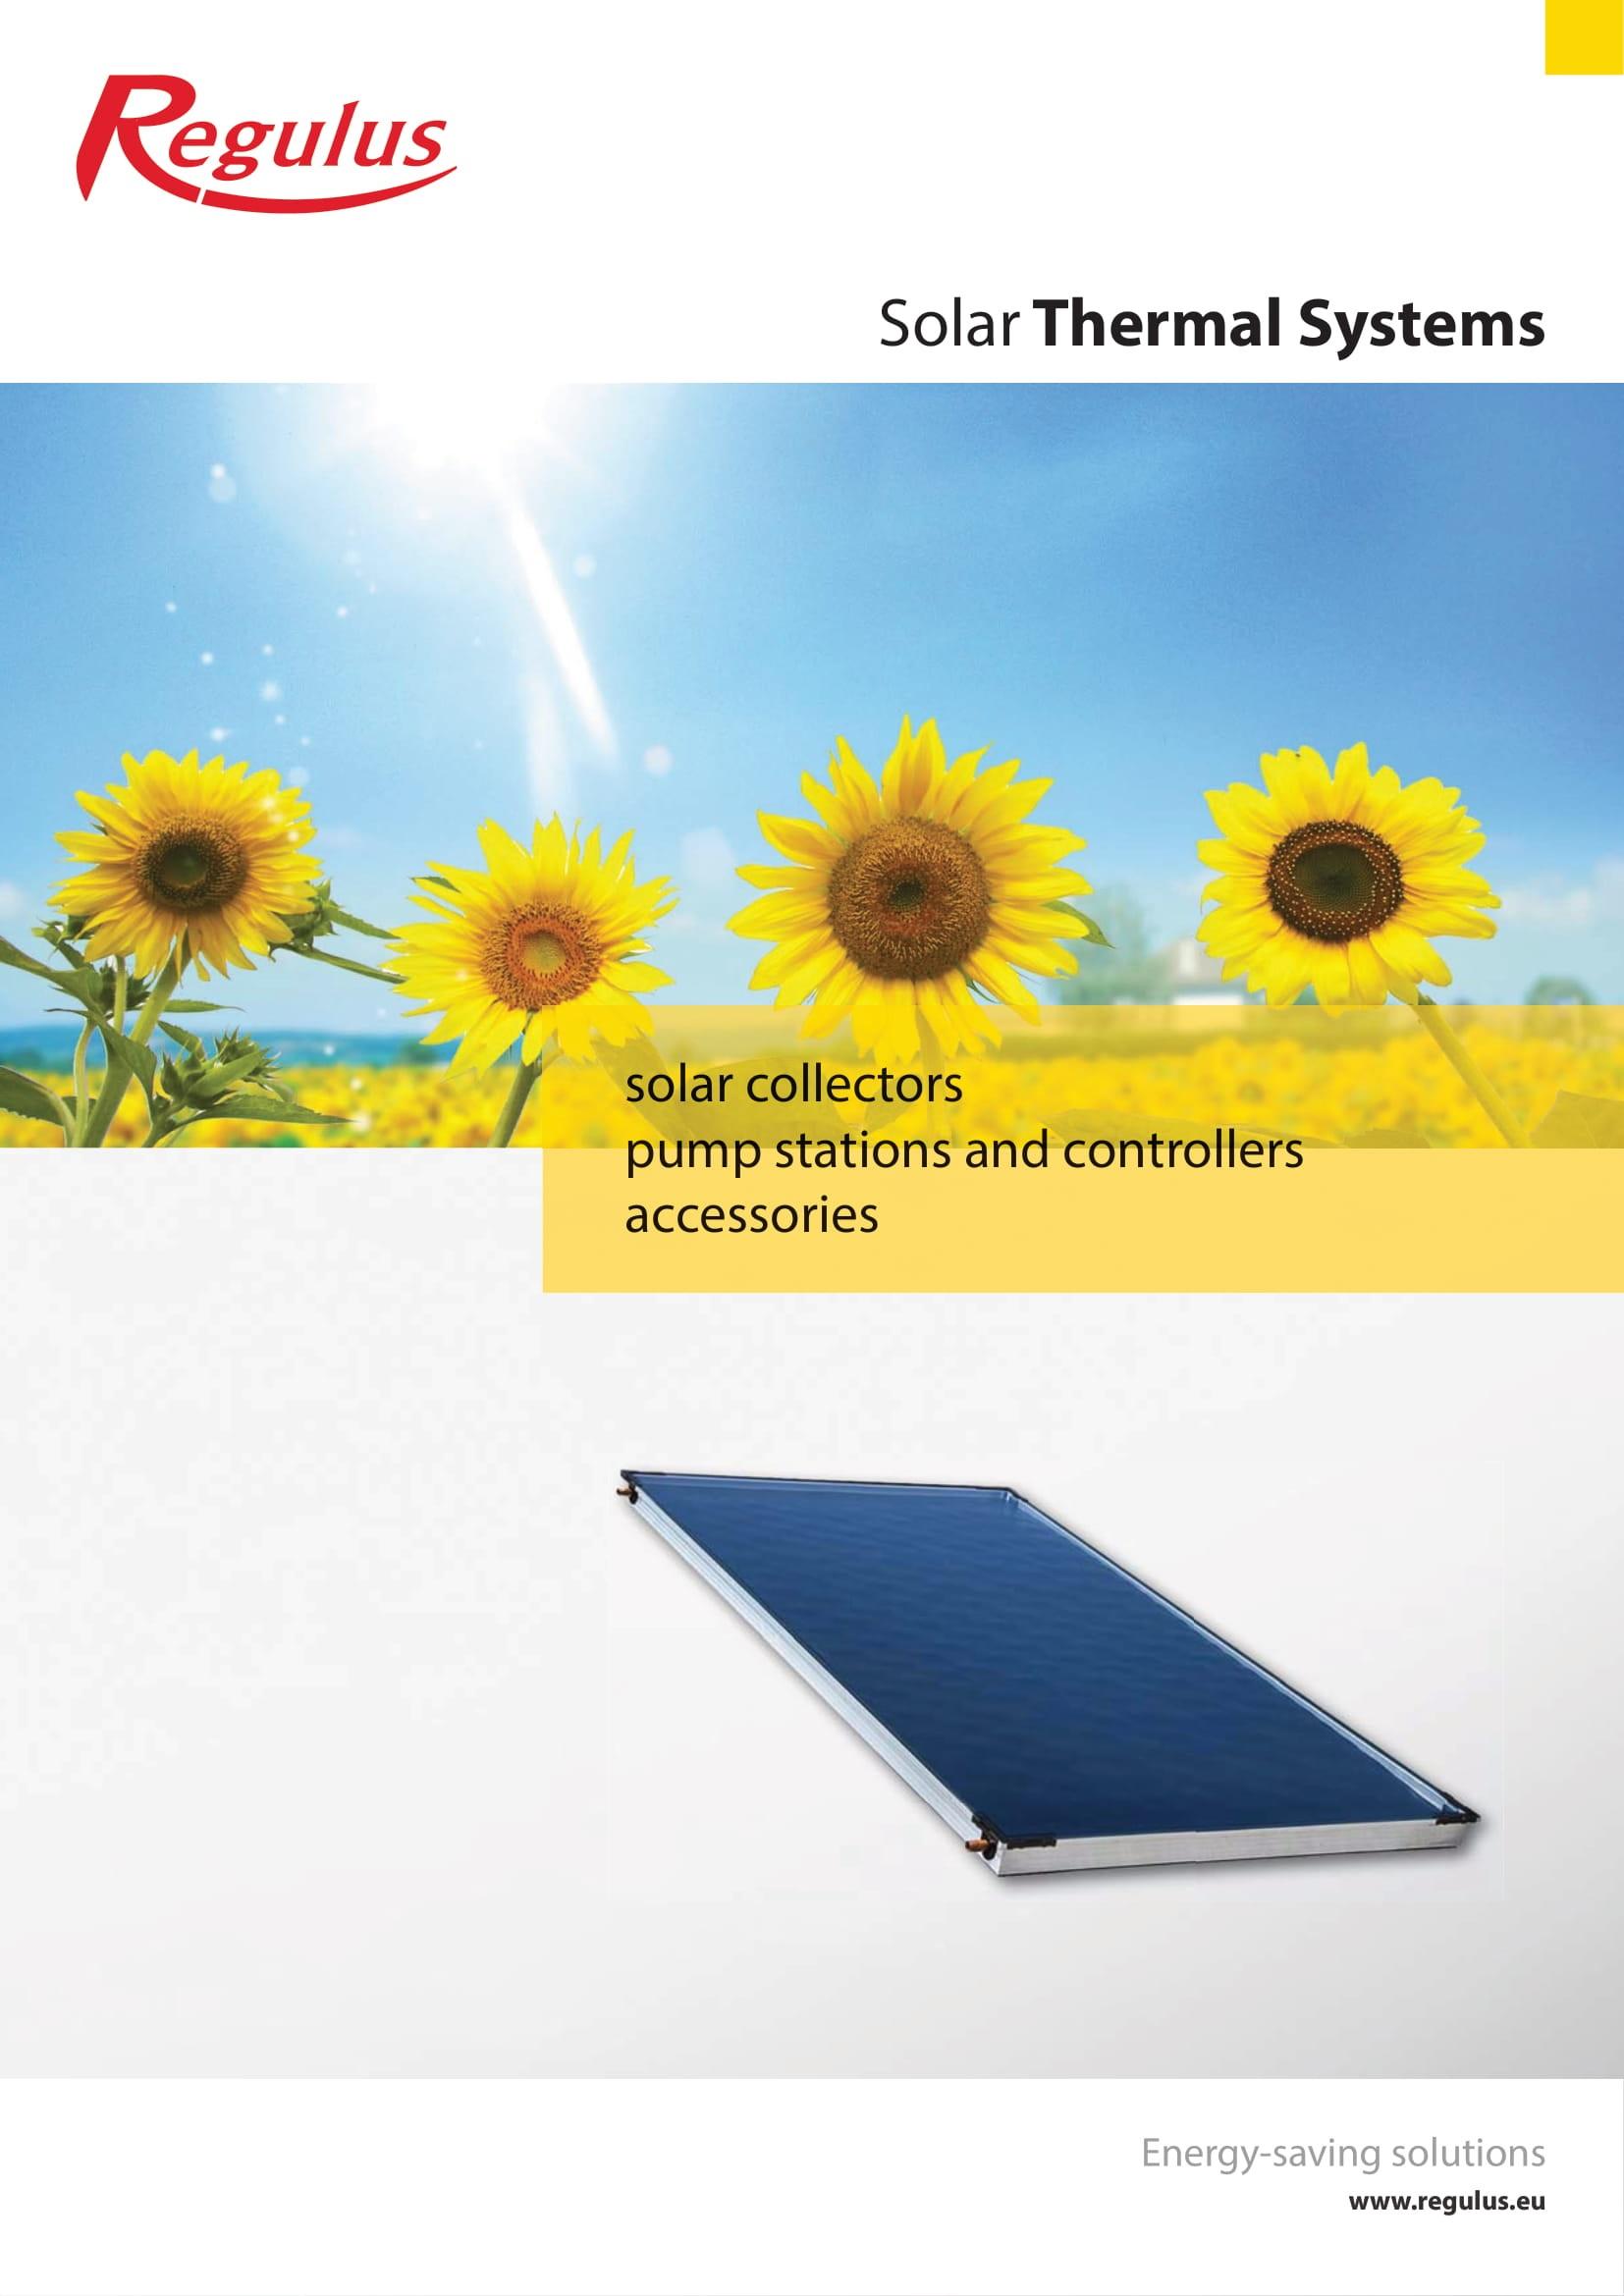 Katalog solarnih sistema Regulus